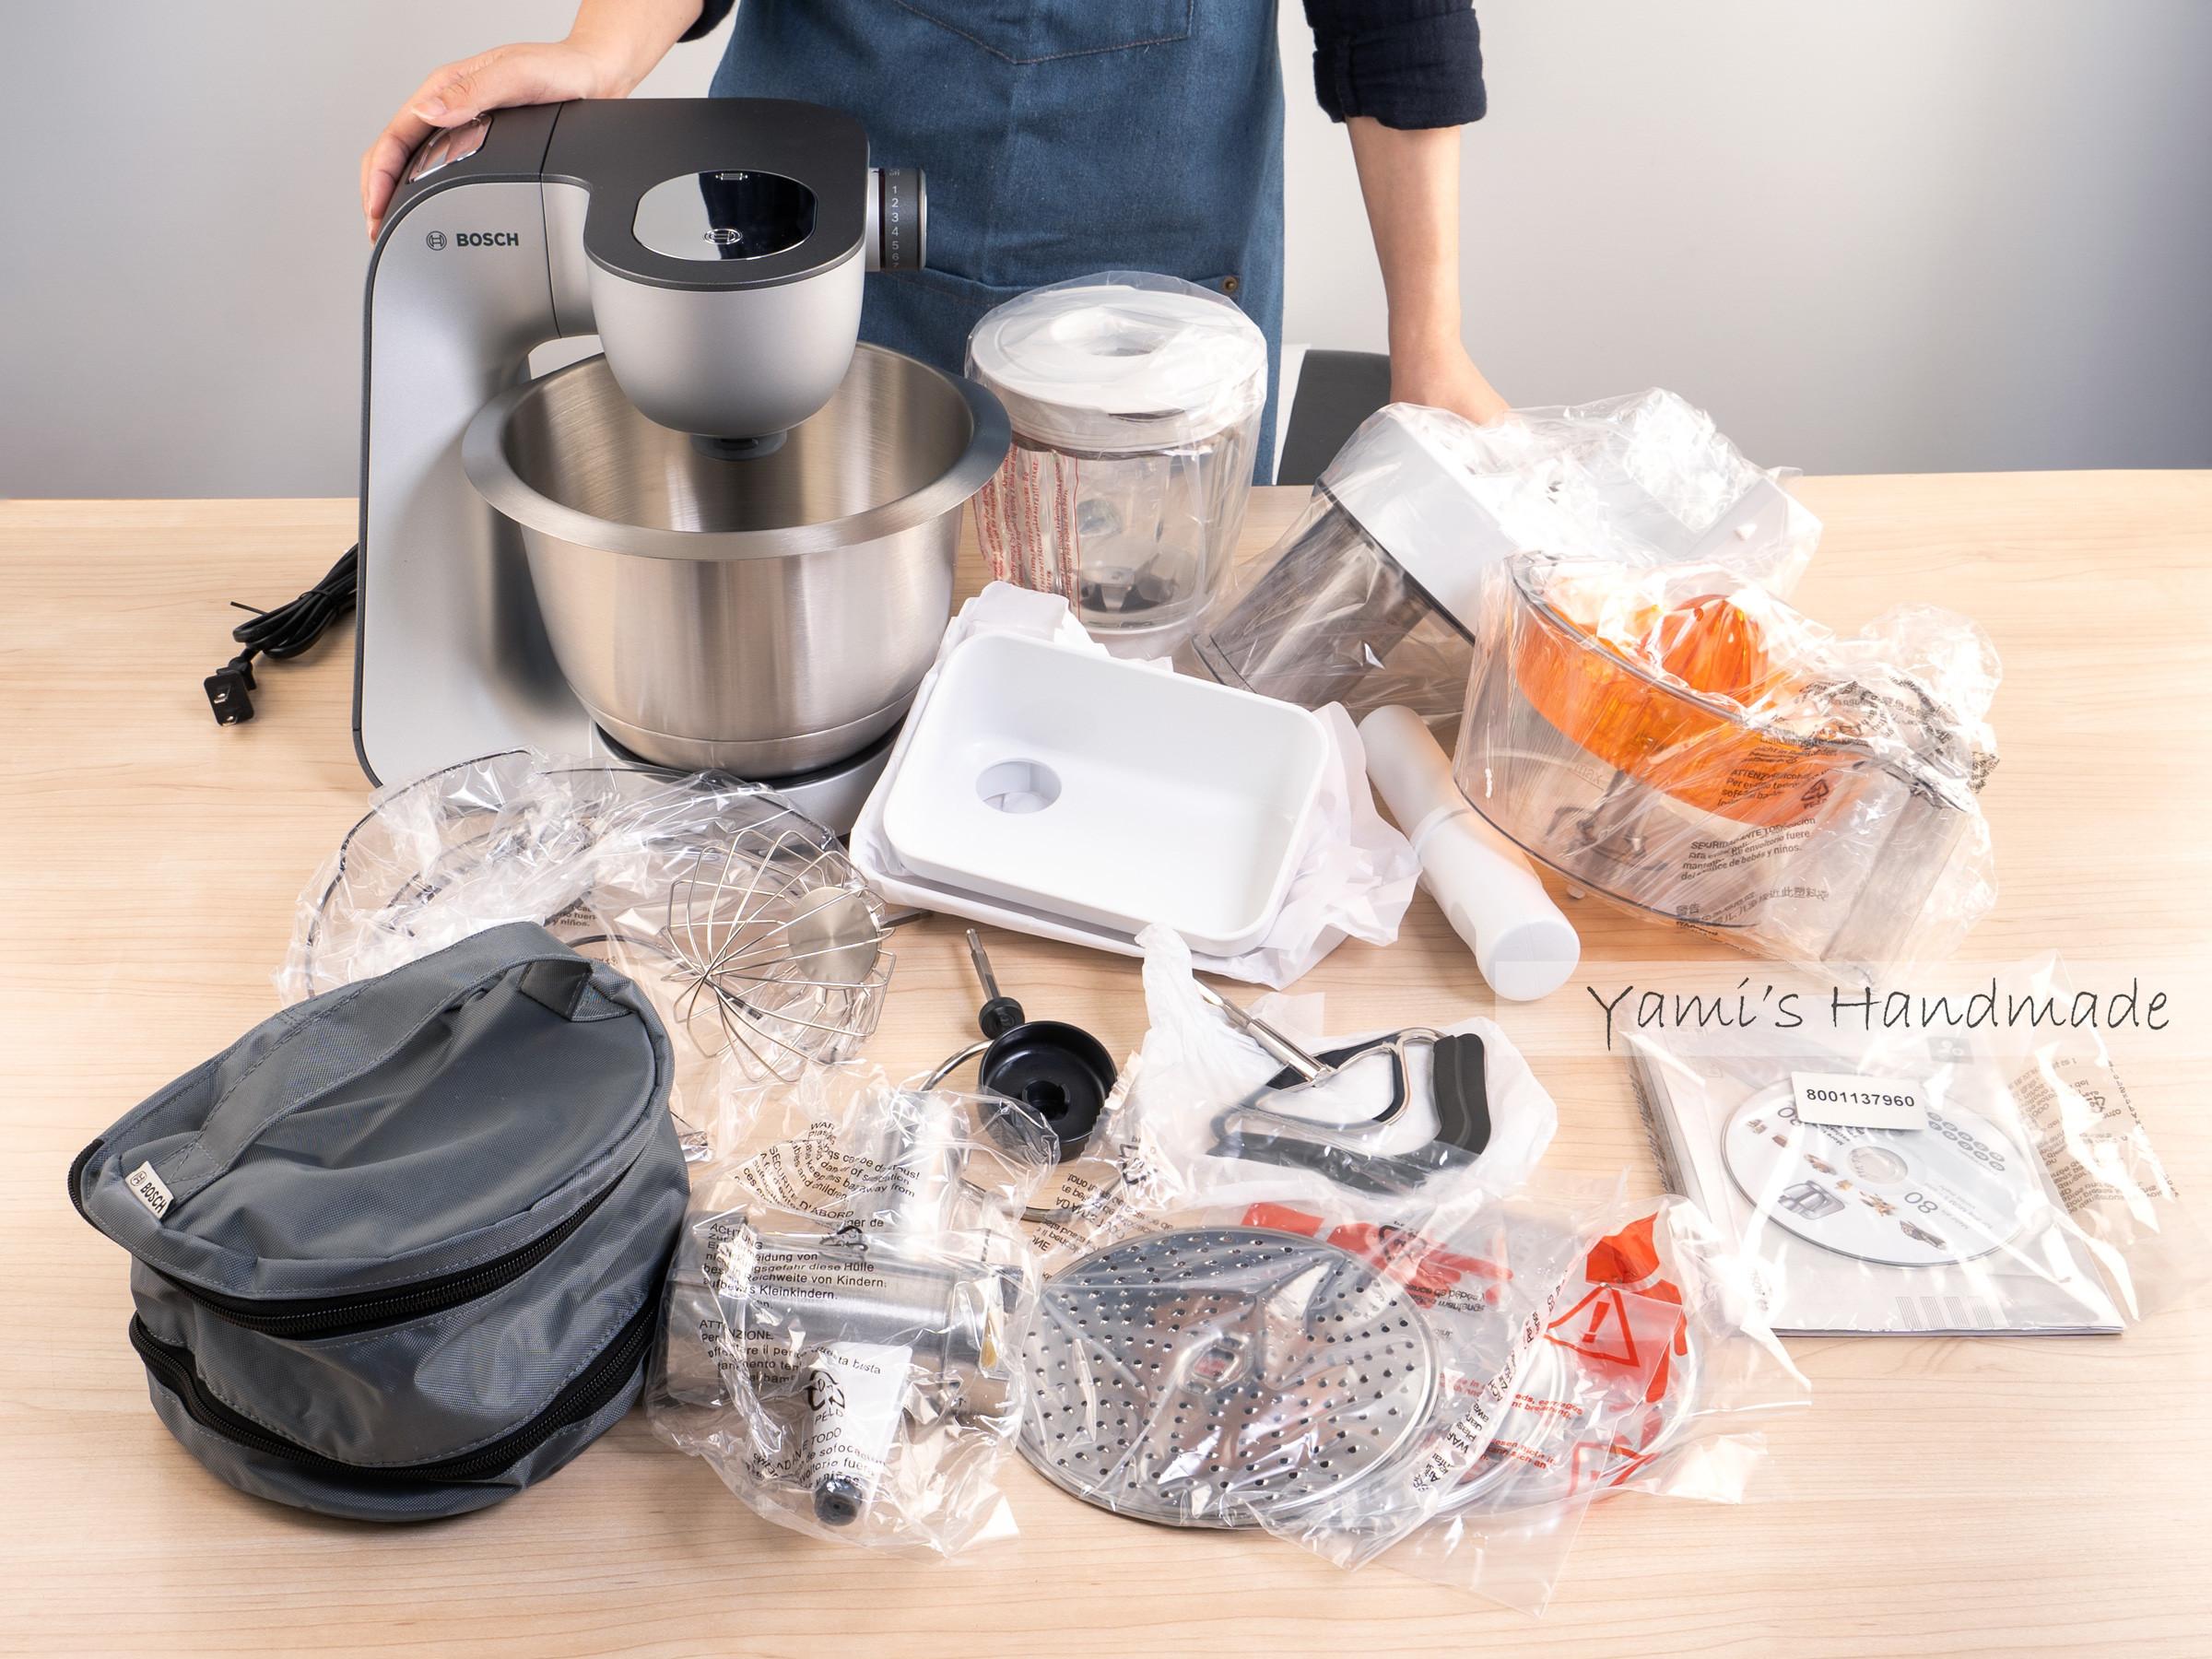 廚房內的夢幻逸品-Bosch精湛萬用廚師機的第 2 張圖片